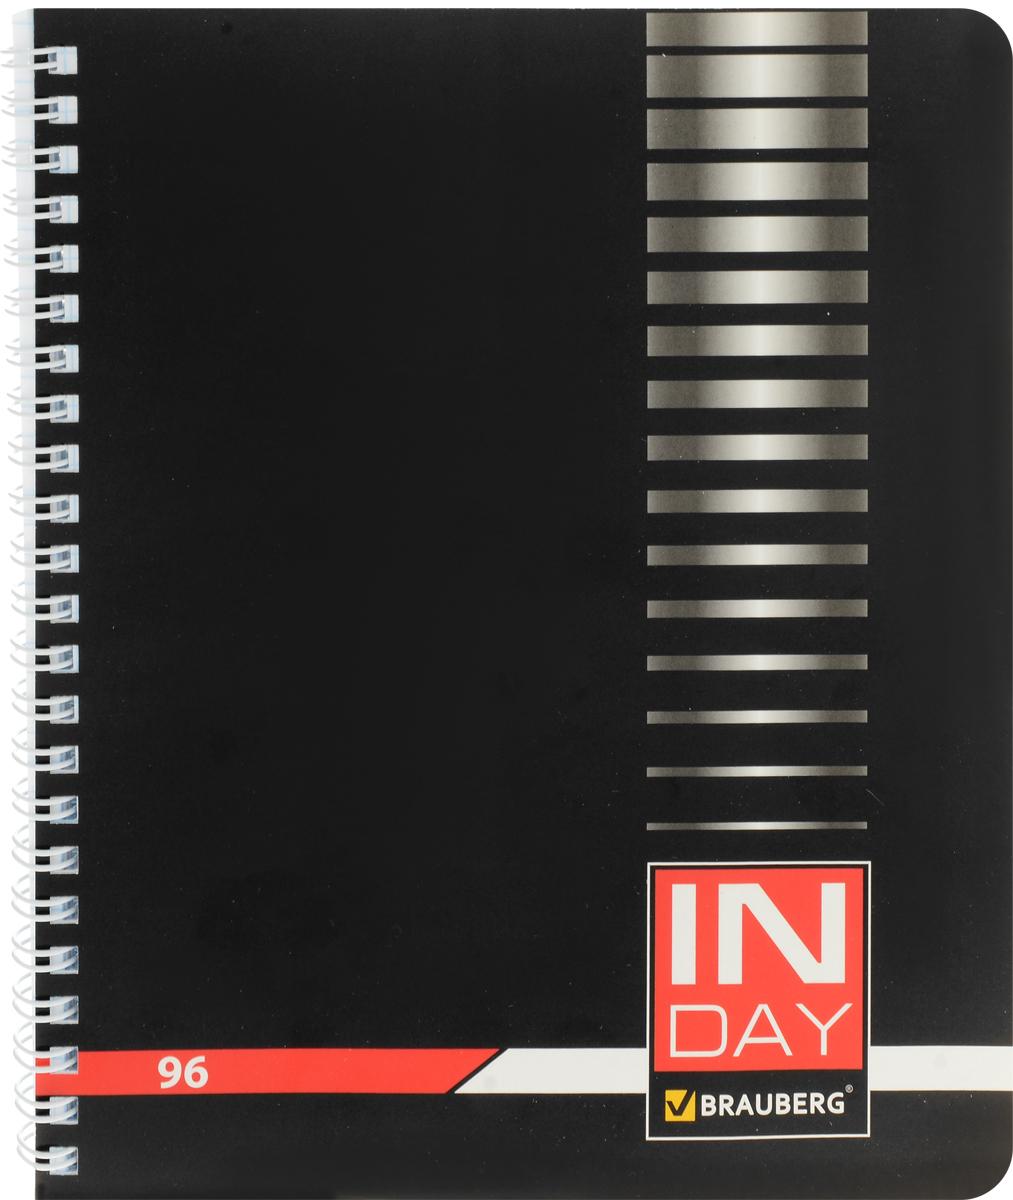 Brauberg Тетрадь In Day 96 листов в клетку цвет черный 40052640Т5Вd1_16209Тетрадь Brauberg In Day на металлическом гребне пригодится как школьнику, так и студенту.Такое практичное и надежное крепление позволяет отрывать листы и полностью открывать тетрадь на столе. Обложка изготовлена из импортного мелованного картона. Внутренний блок выполнен из высококачественного офсета в стандартную клетку без полей. Тетрадь содержит 96 листов. Страницы тетради дополнены микроперфорацией для удобного отрыва листов.